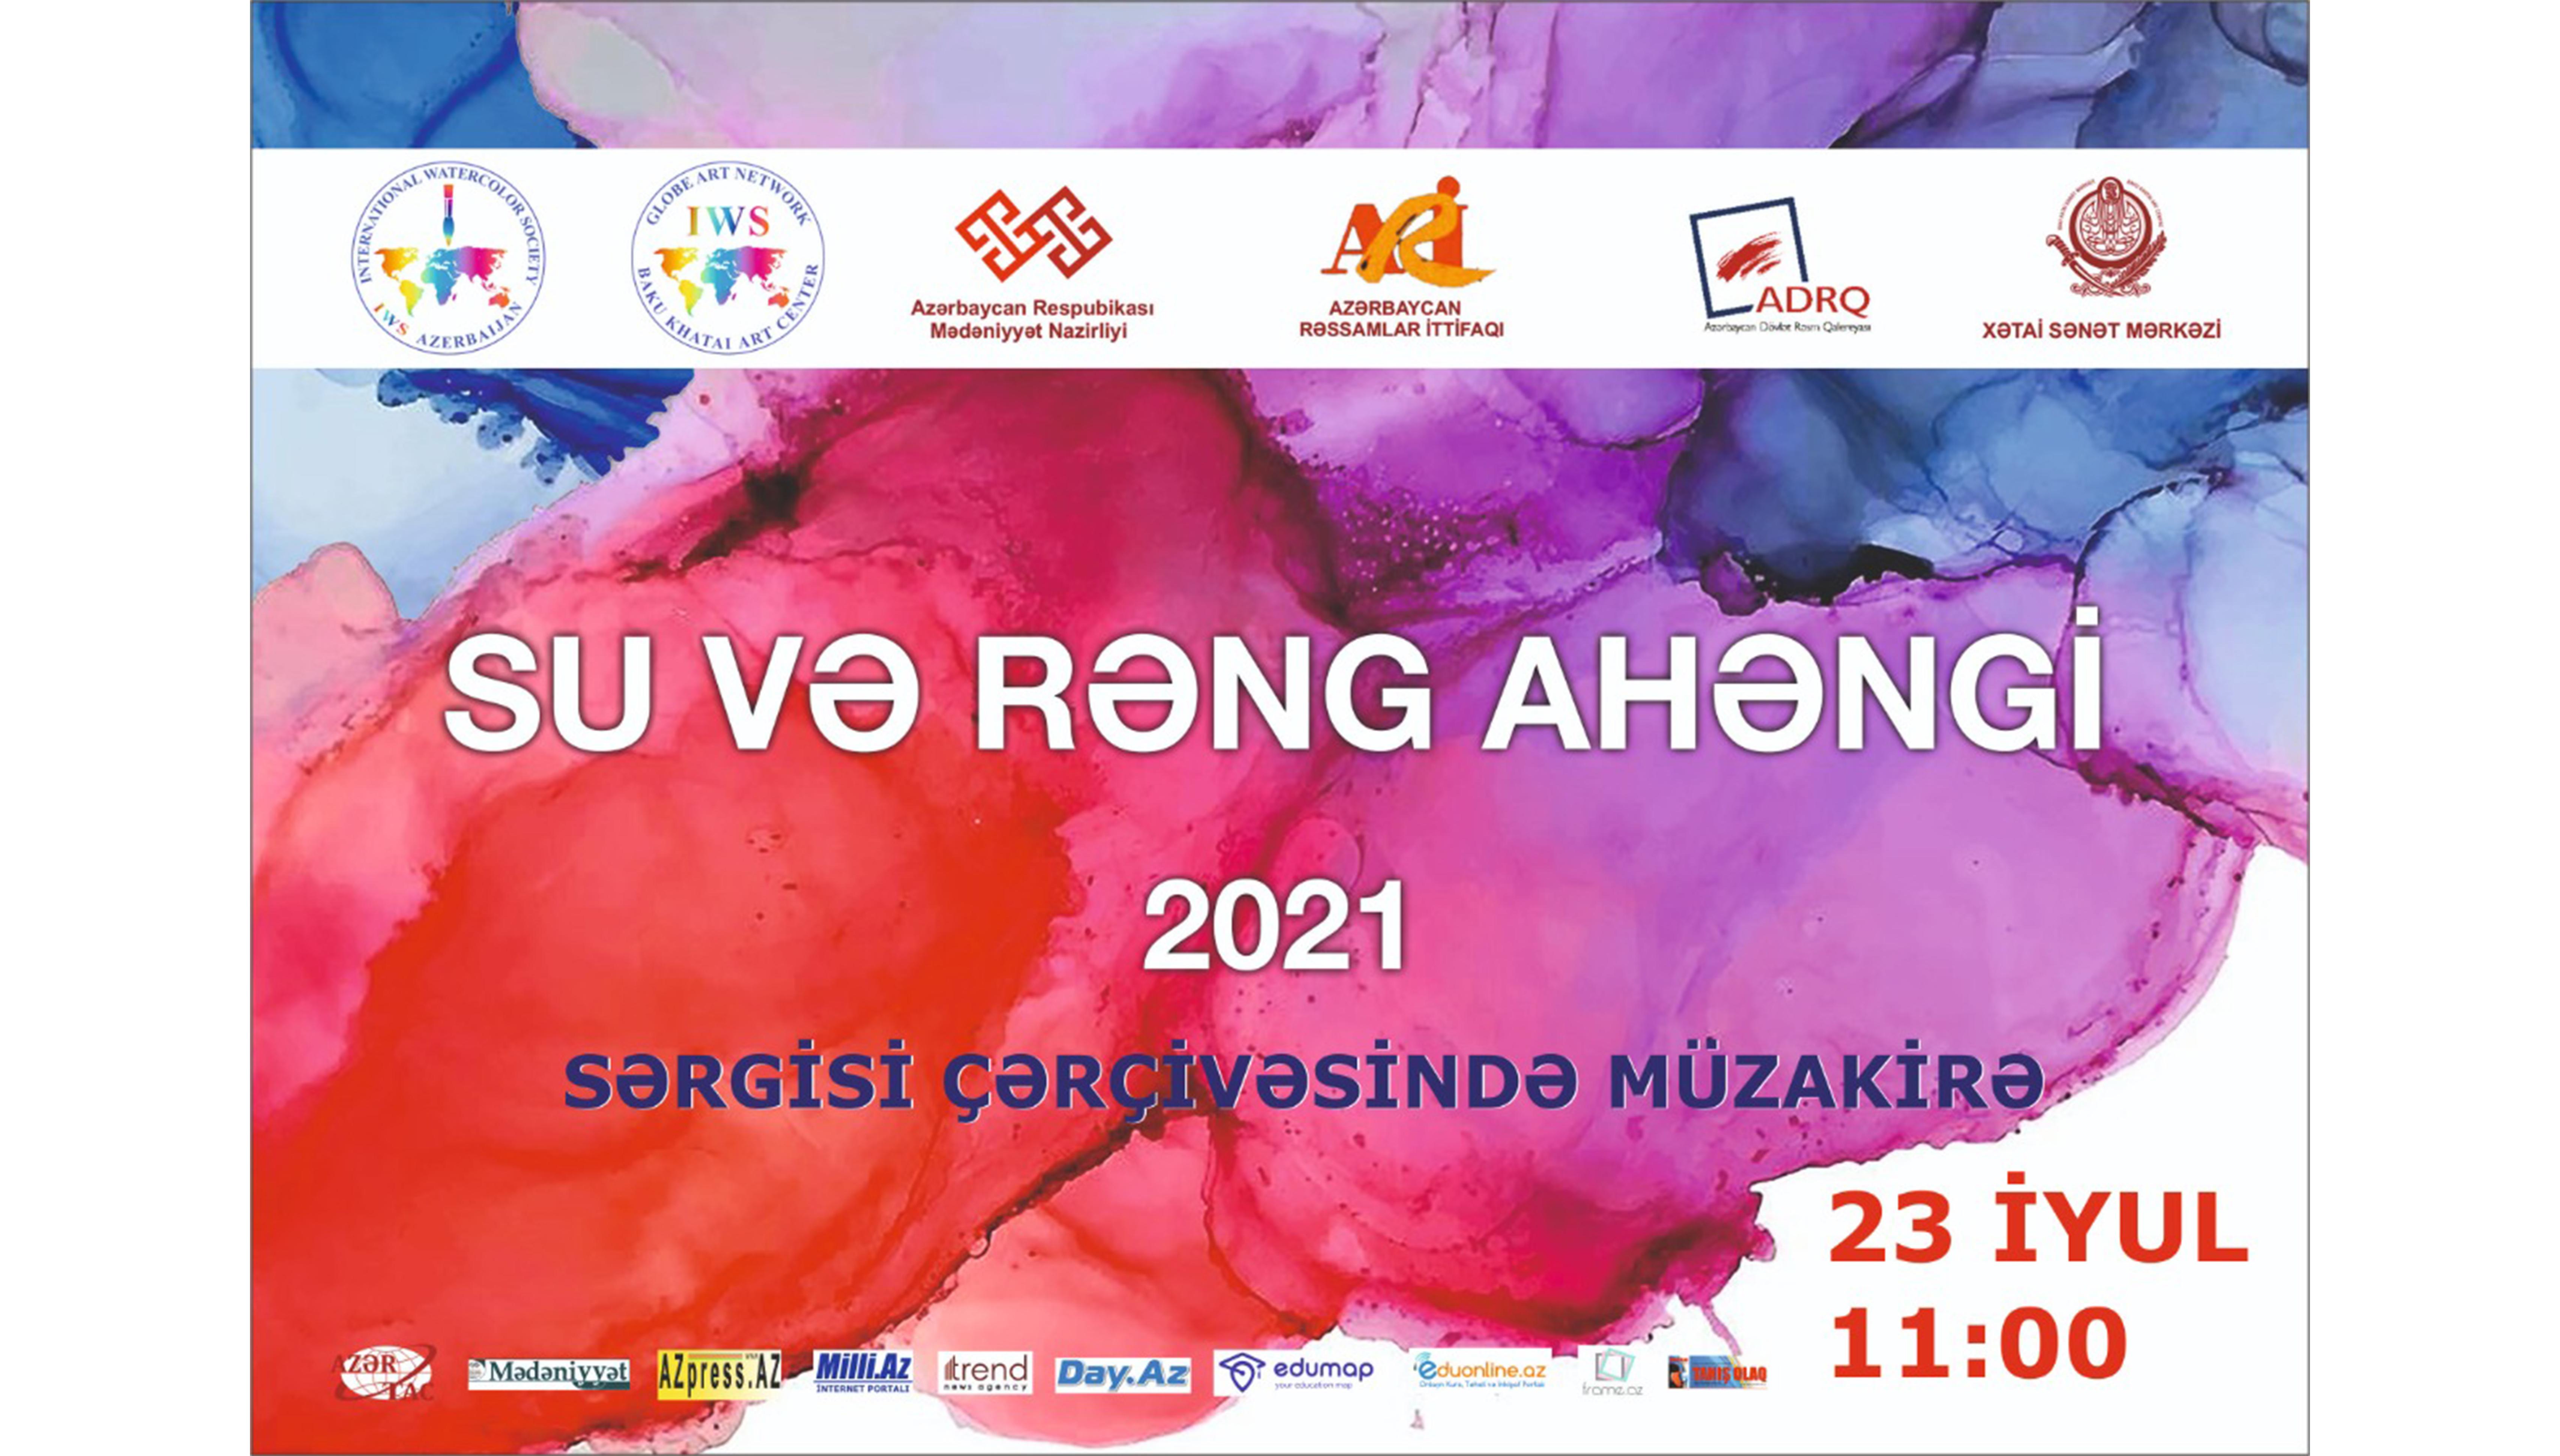 """""""Su və rəng ahəngi-2021"""" akvarel sərgisi çərçivəsində müzakirə keçiriləcək."""